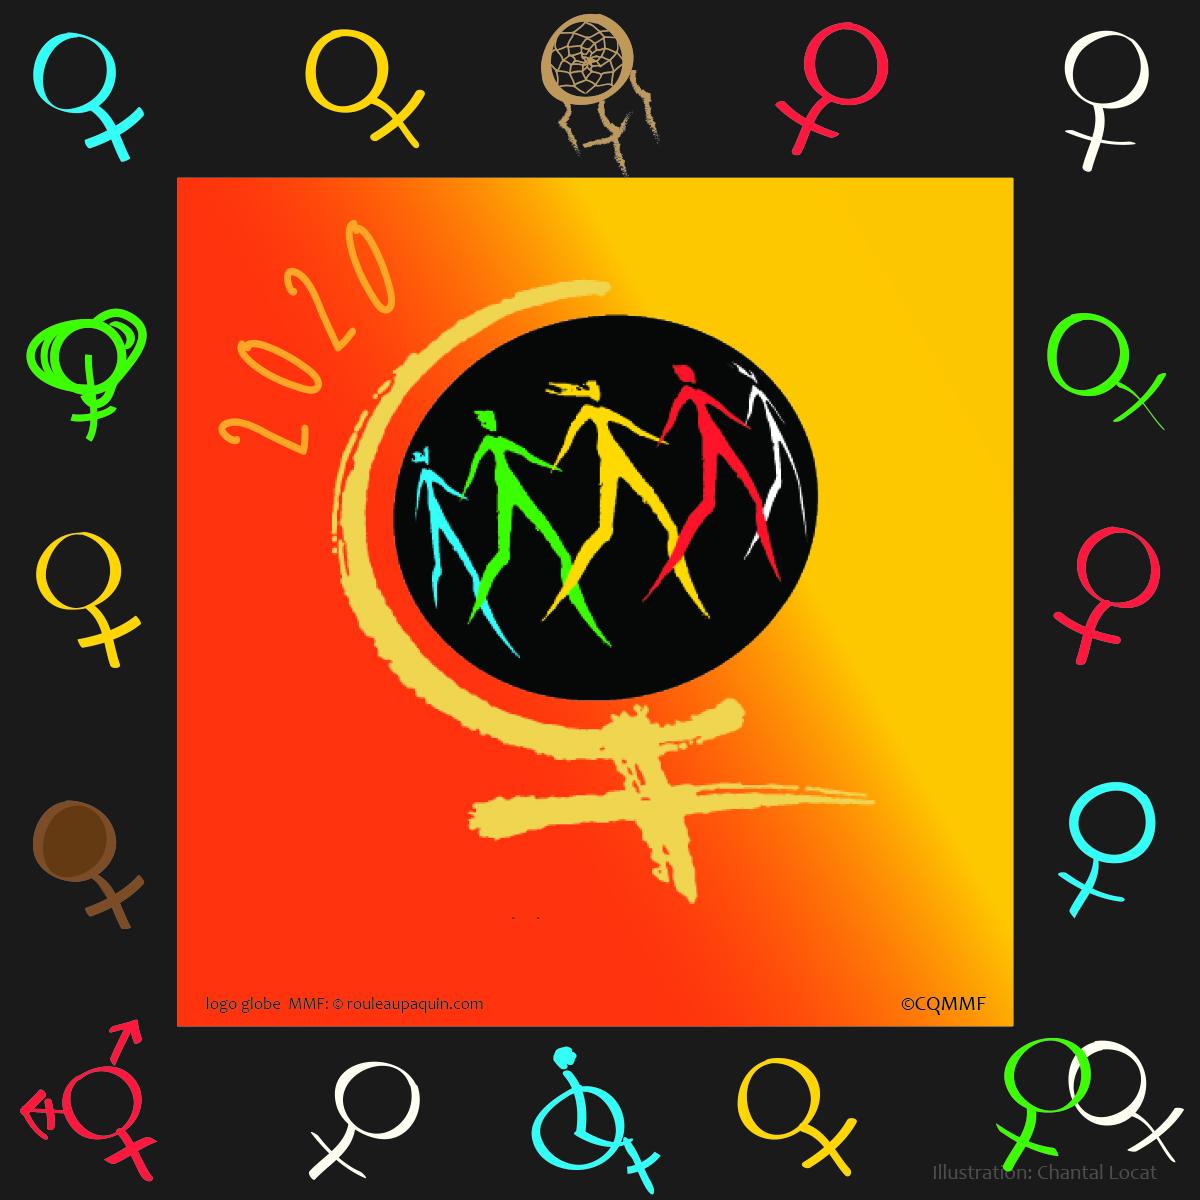 Logo de la Marche mondiale des femmes